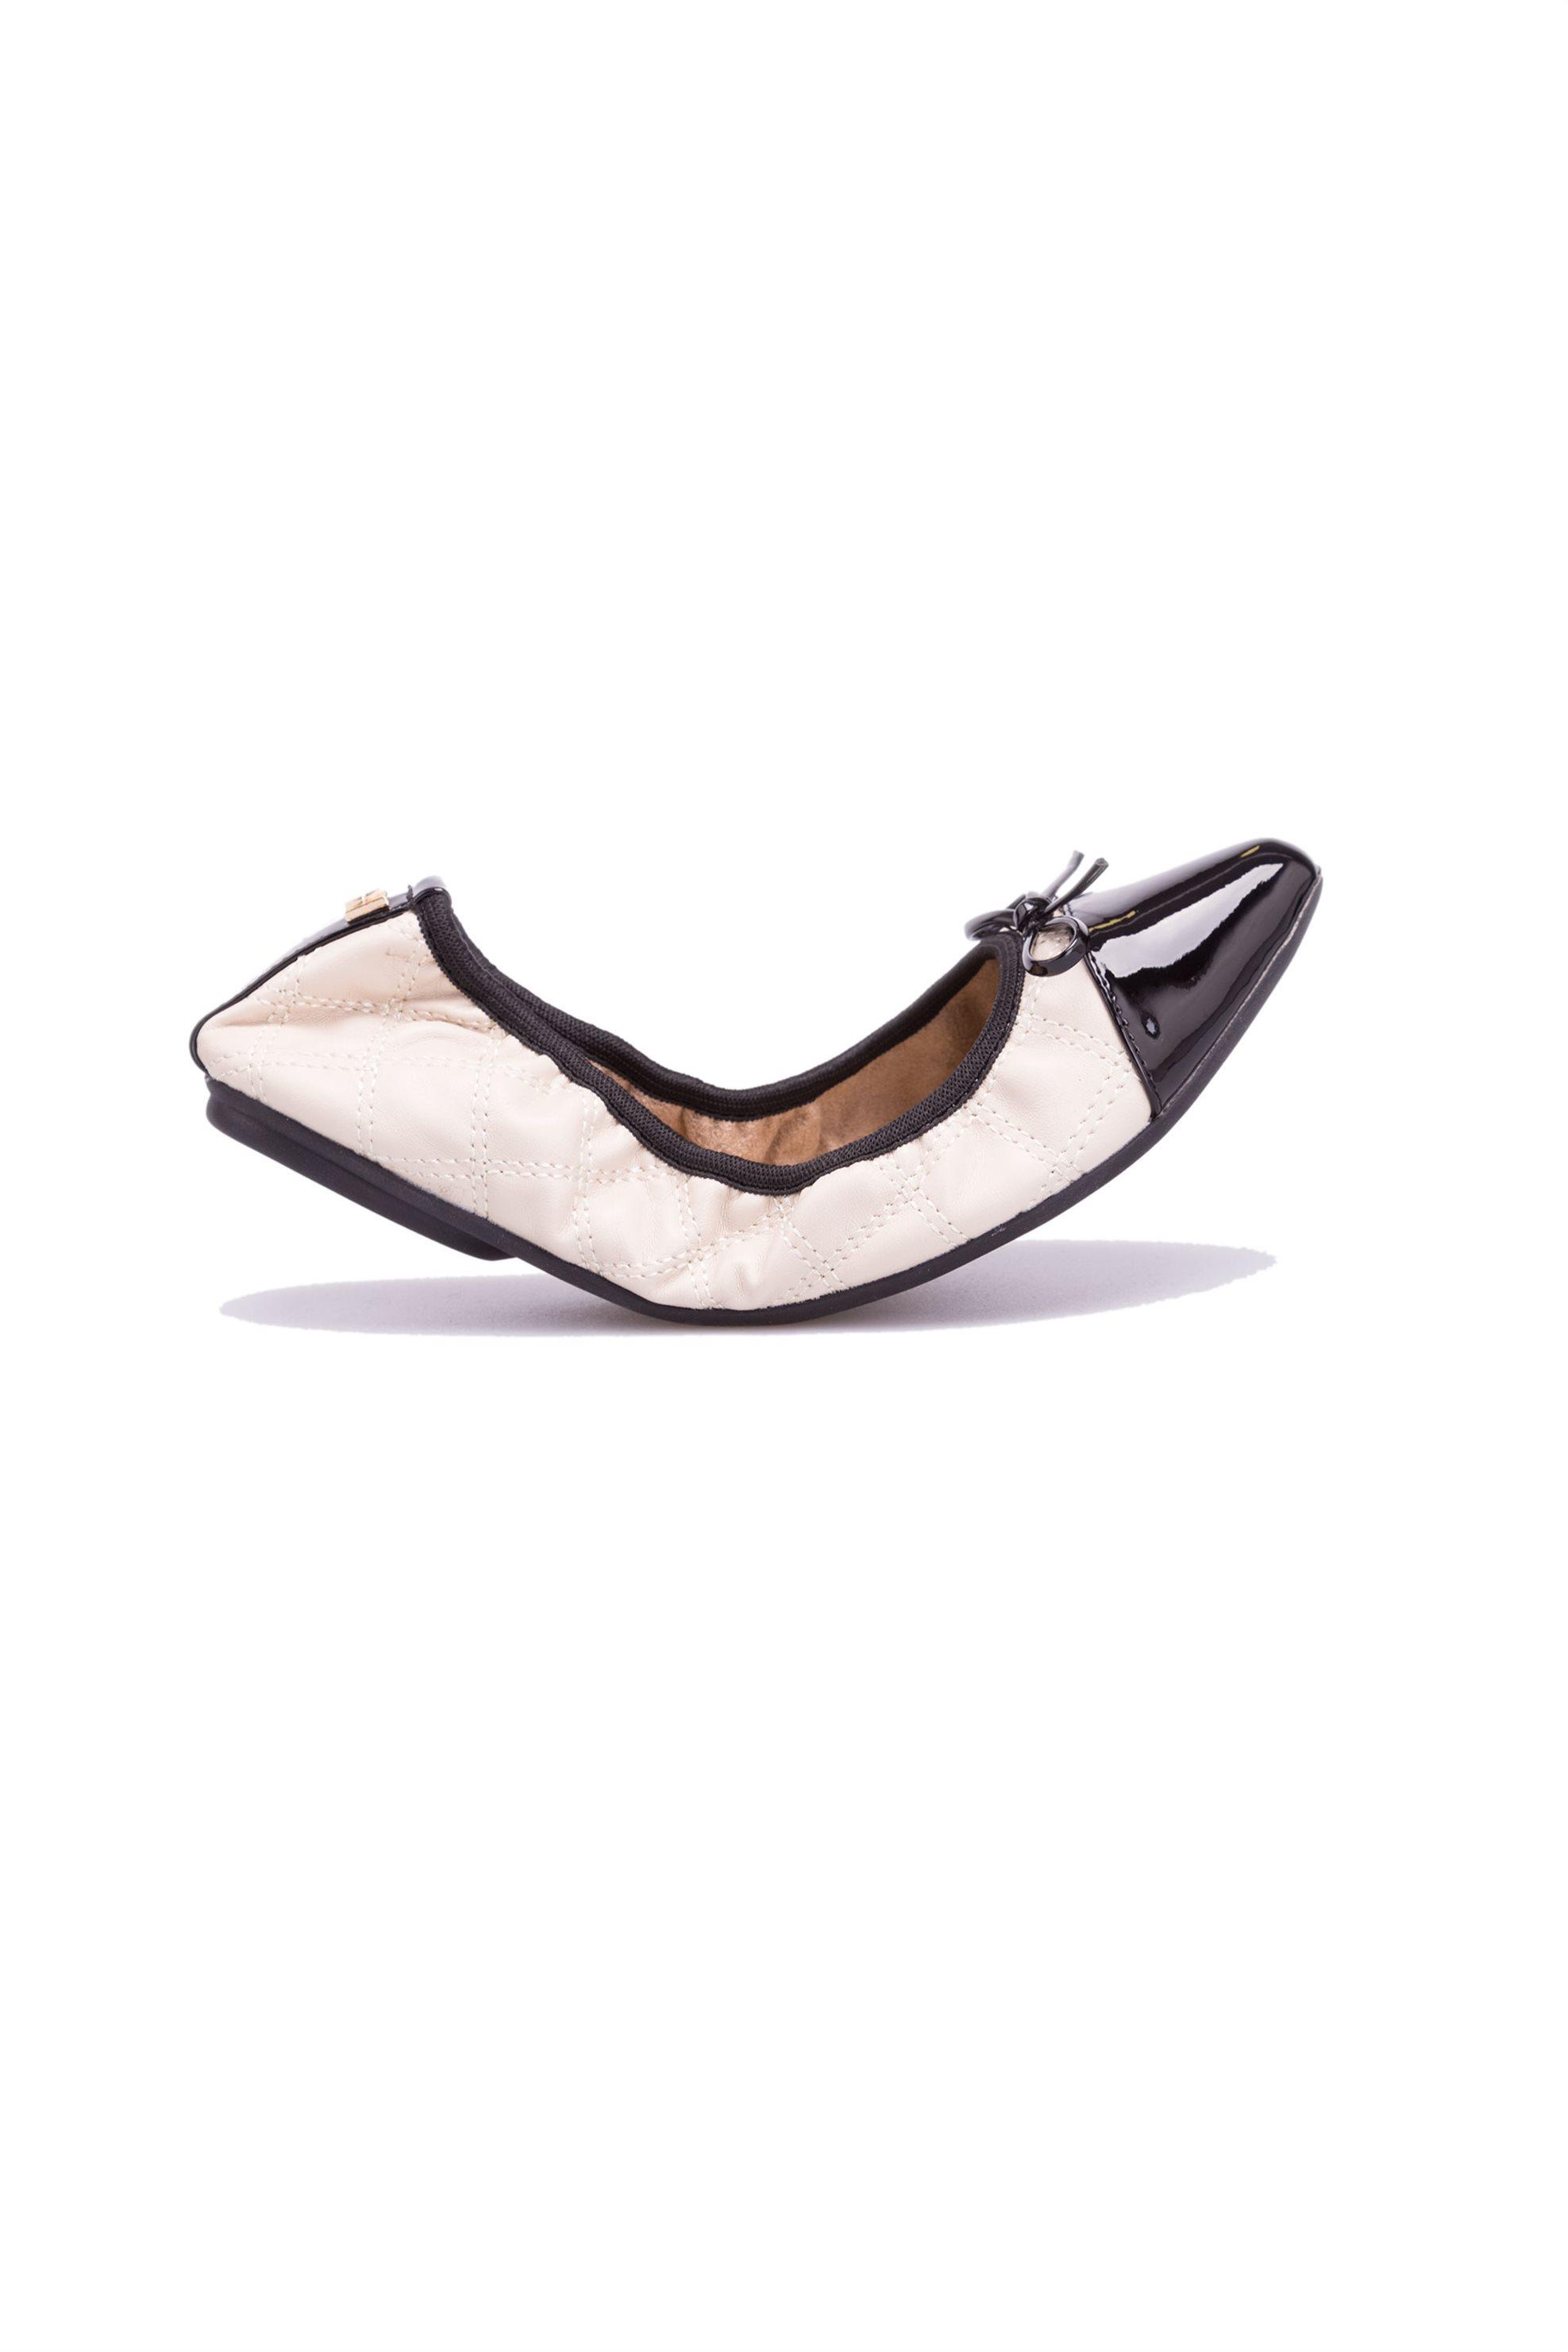 Γυναικεία παπούτσια Butterfly Twists – 217894-HOLLY – Μπεζ